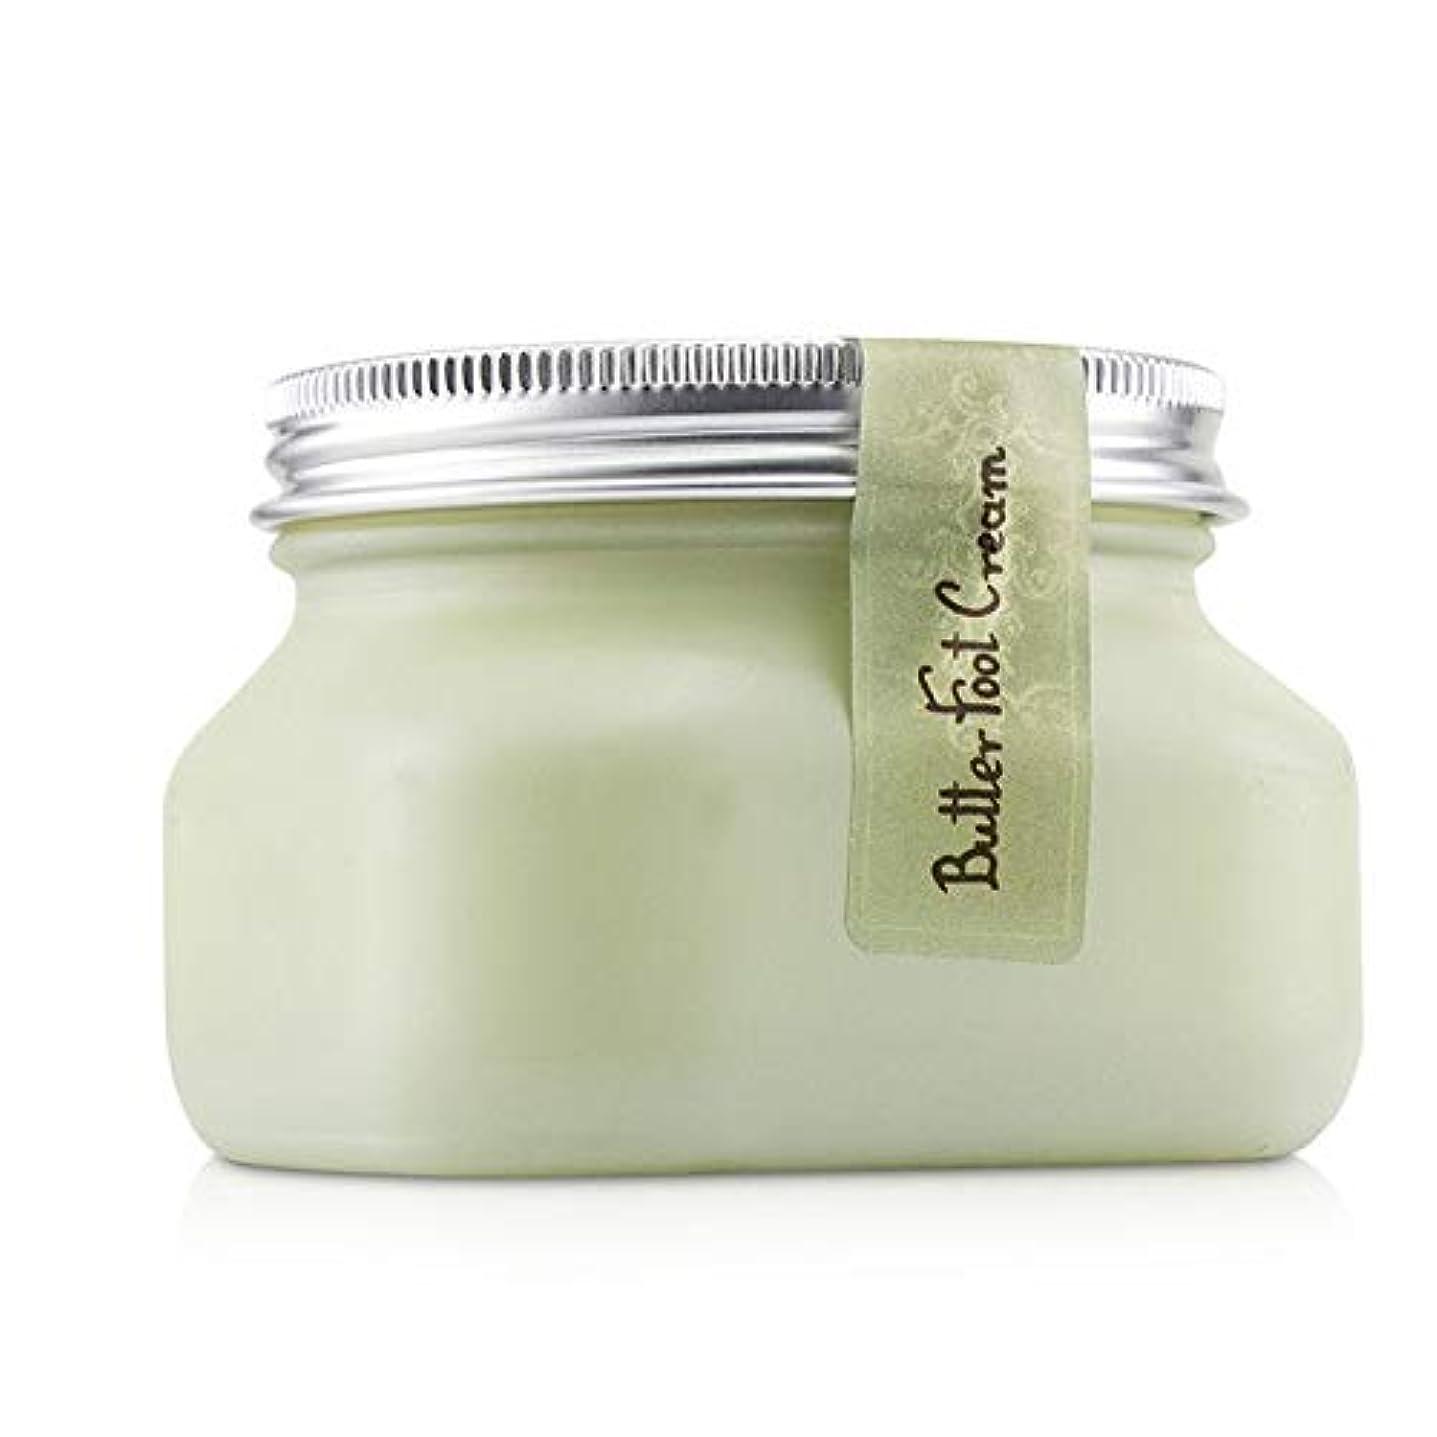 エンジン画像青サボン Butter Foot Cream 150ml/5.27oz並行輸入品